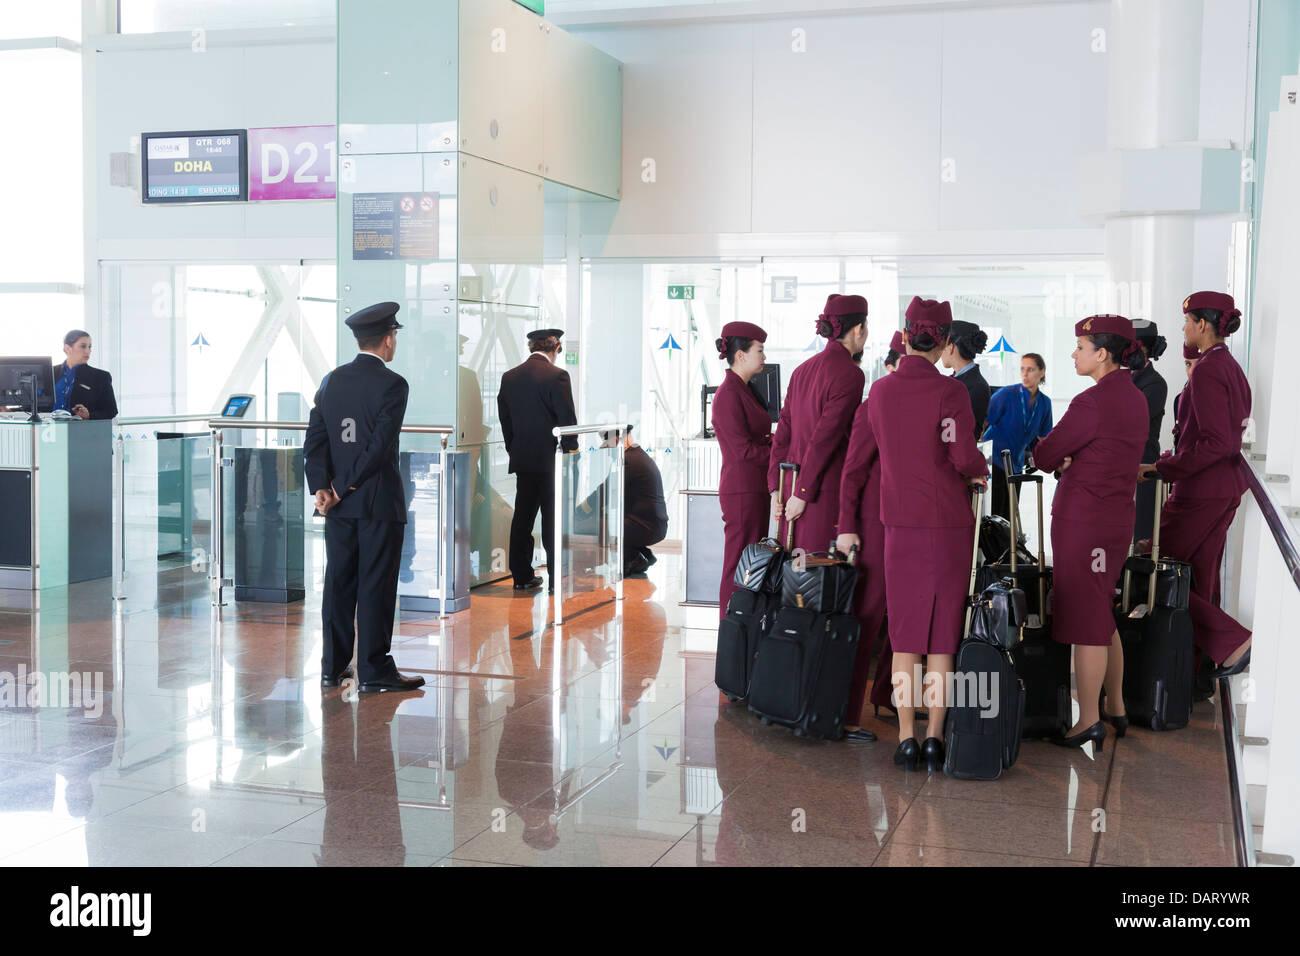 Qatar Airways pilotos y personal de cabina esperando en la puerta de salida en el aeropuerto. Imagen De Stock